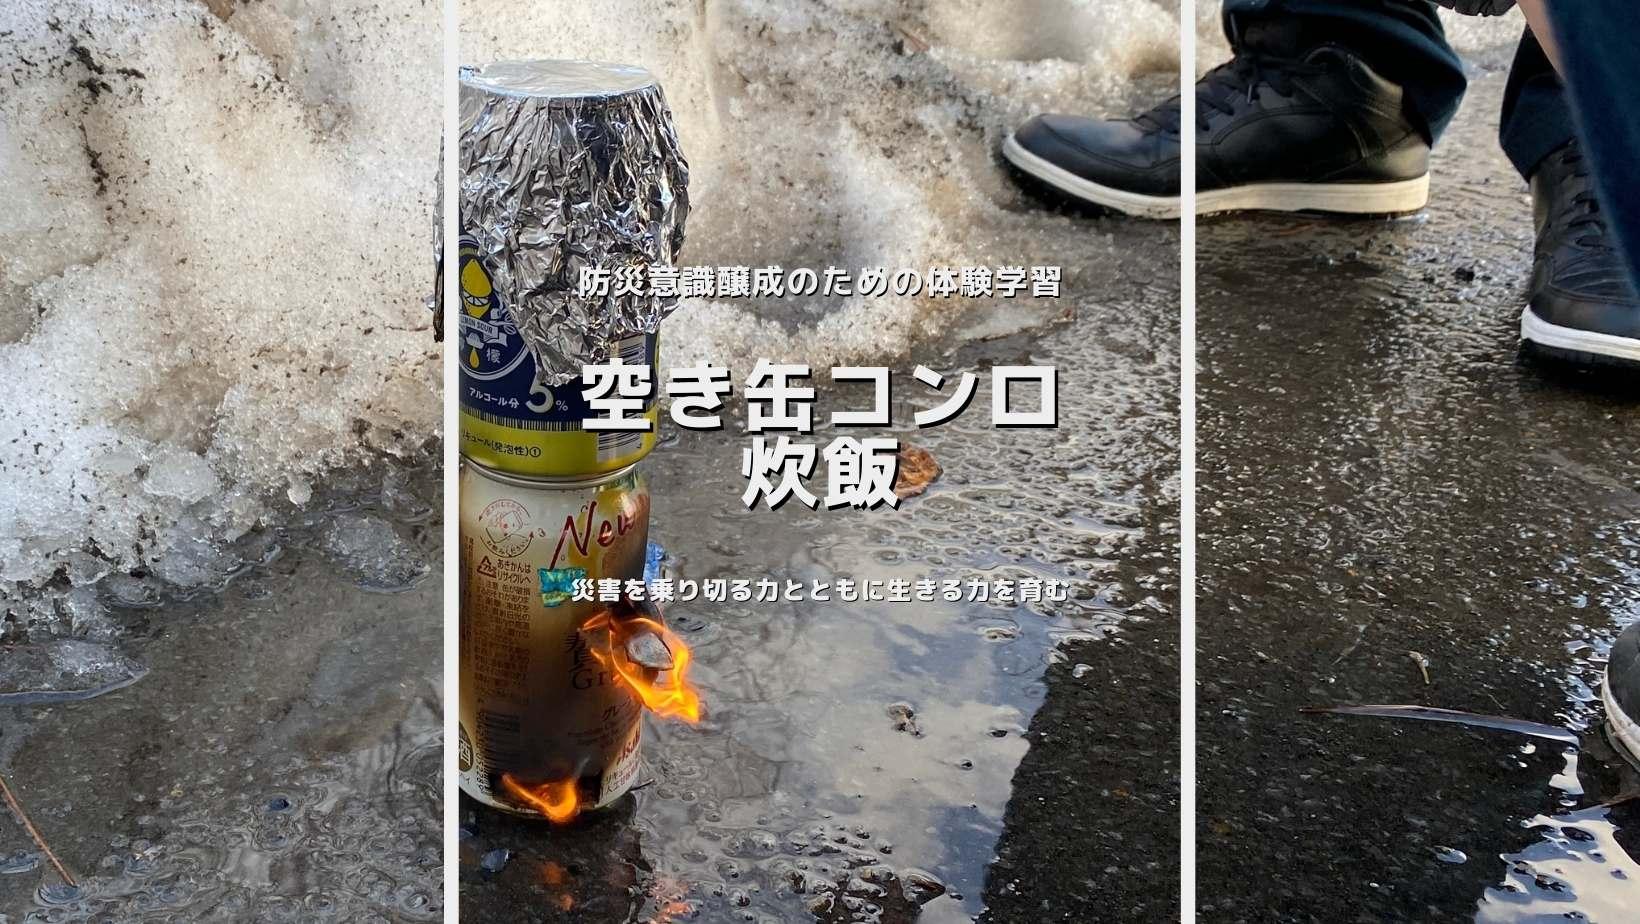 【活動報告(震災を忘れない)】空き缶コンロの作成&空き缶炊飯体験をしました/やってみよう!なんでも体験活動